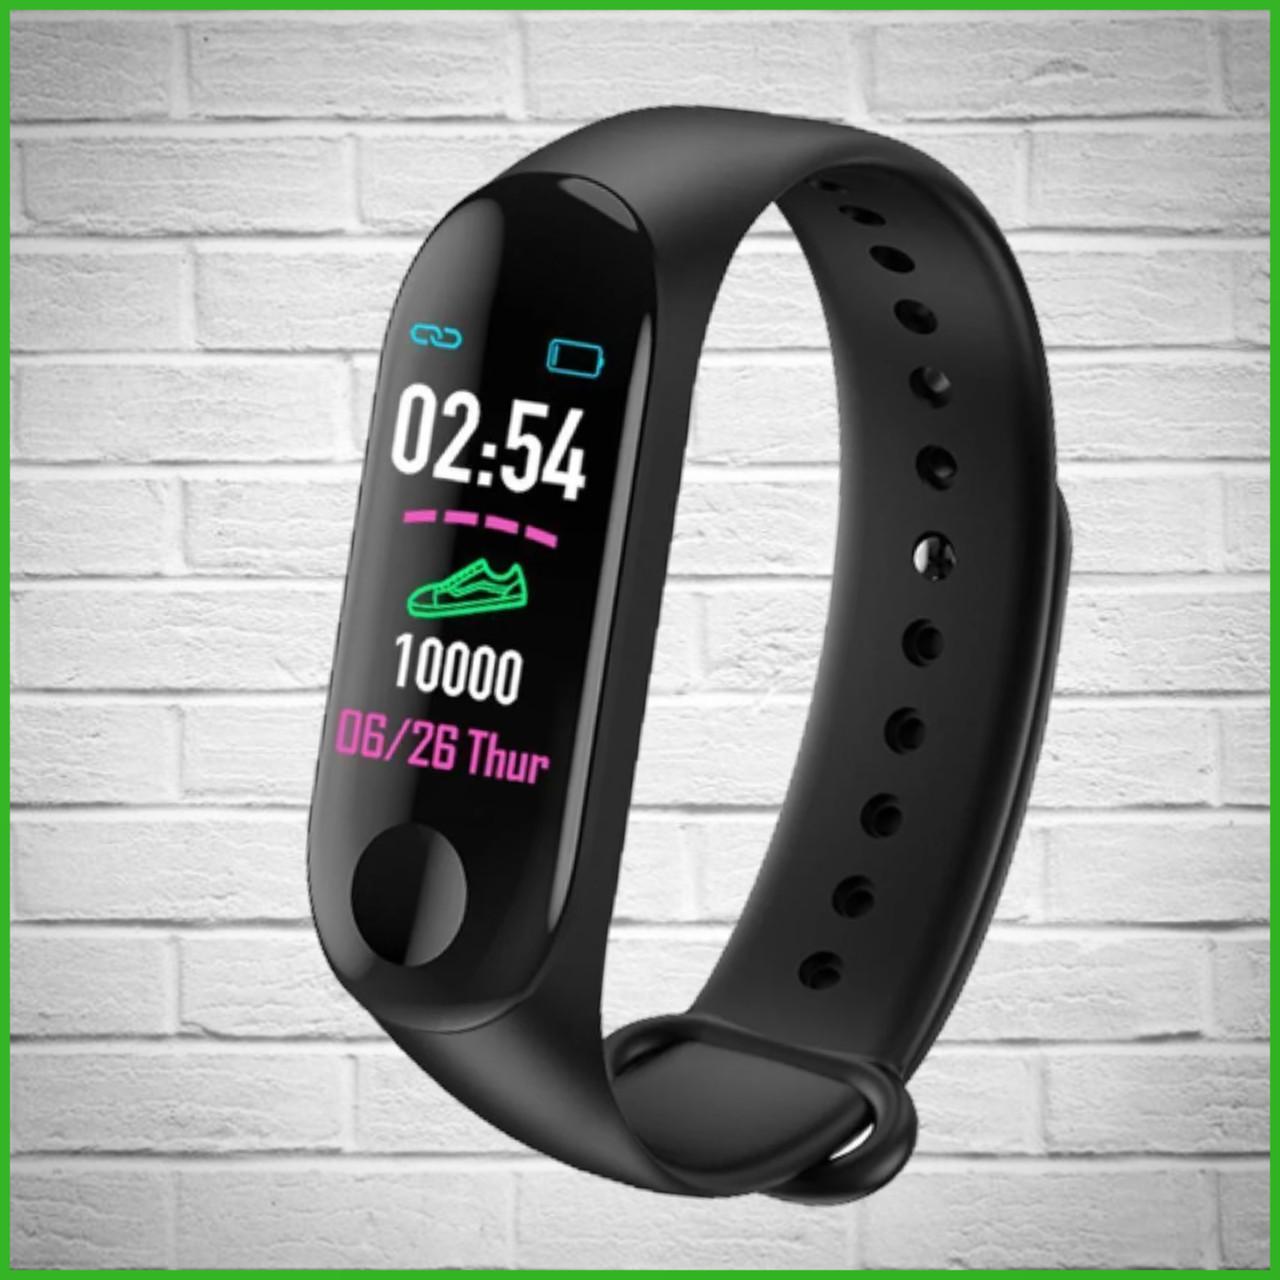 Фитнес-часы М3 аналог mi band 3, треккер, сенсорные фитнес часы